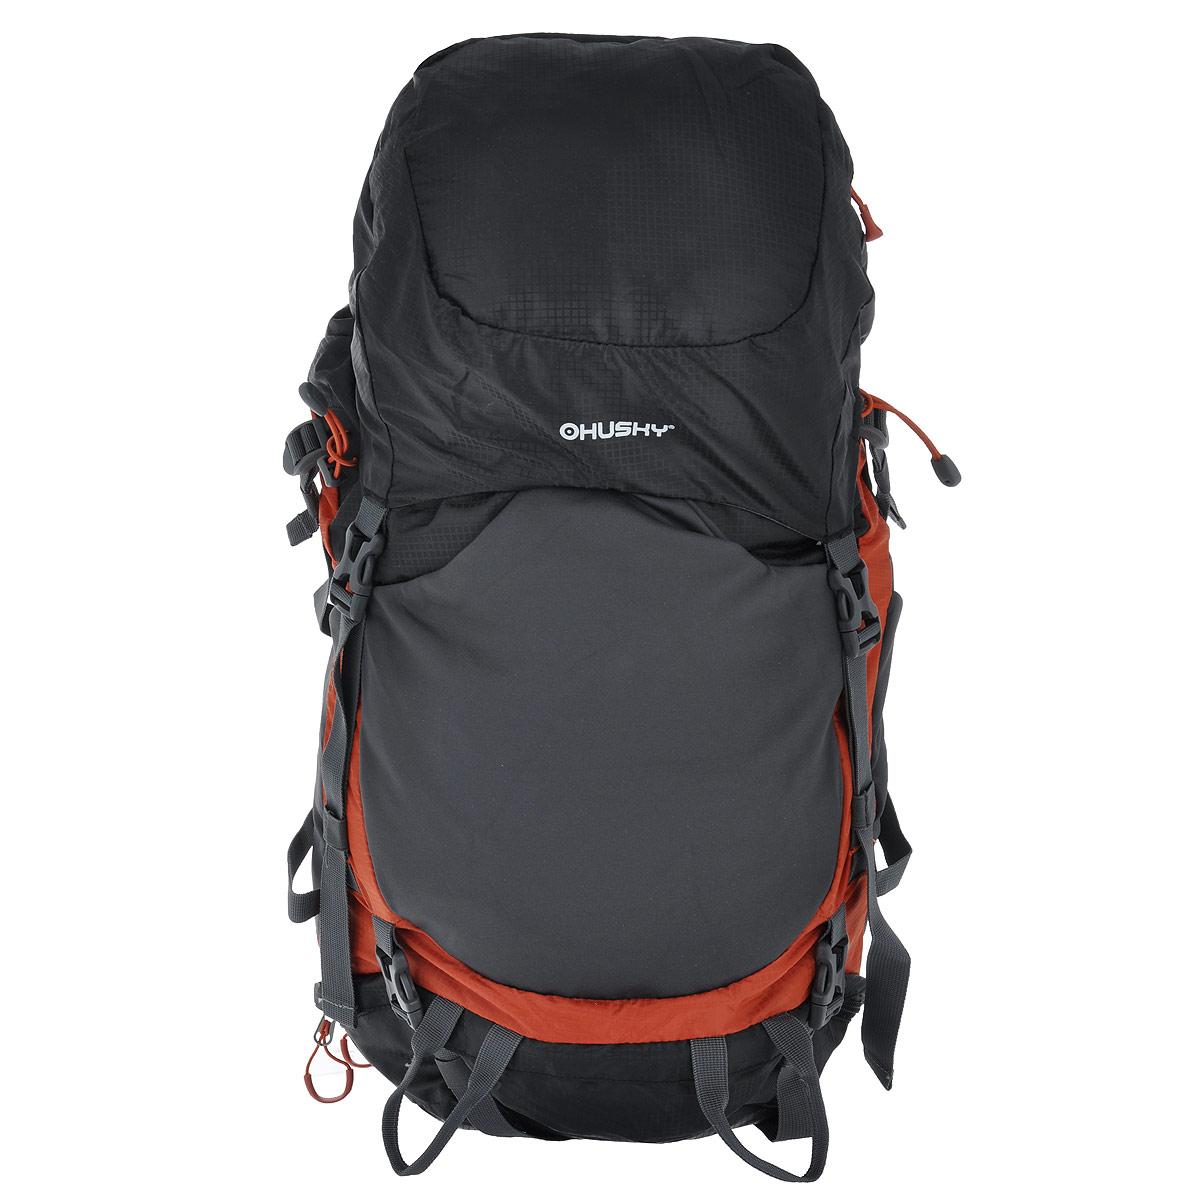 Рюкзак туристический Husky Menic, цвет: черный, серый, оранжевый, 50 лУТ-000066092Рюкзак Husky Menic - незаменимый атрибут туриста! Он выполнен из водонепроницаемого нейлона и оснащен светоотражательными элементами.С этим вместительным рюкзаком можно отправиться в любое путешествие. Его удобно носить за плечами благодаря широким лямкам, грудному ремню, ремню на поясе и жесткой спинке с дюралюминиевыми вставками и системой вентиляции спины ETS. Основное отделение имеет объем 50 л. Доступ к нему открывается сверху (закрывается затягивающимся шнурком, пластиковым карабином и капюшоном), снизу (замок на застежке-молнии и карабин) и сбоку (застежка-молния). Внутри главного отделения находится глубокий карман на застежке-молнии для гидратора.Сверху у рюкзака находится 1 карман на застежке-молнии (на капюшоне) с 2 сетчатыми карманами внутри. Капюшон соединяется с нижней частью рюкзака при помощи 2 пластиковых карабинов.На лицевой стороне расположен эластичный карман на резинке. По бокам рюкзака расположены 2 кармана на резинке. Также есть карман на застежке-молнии на поясе.На дне рюкзака находится карман с накидкой от дождя.Рюкзак Husky Menic - превосходный выбор для путешествия с комфортом. Вес: 1,68 кг.Что взять с собой в поход?. Статья OZON Гид